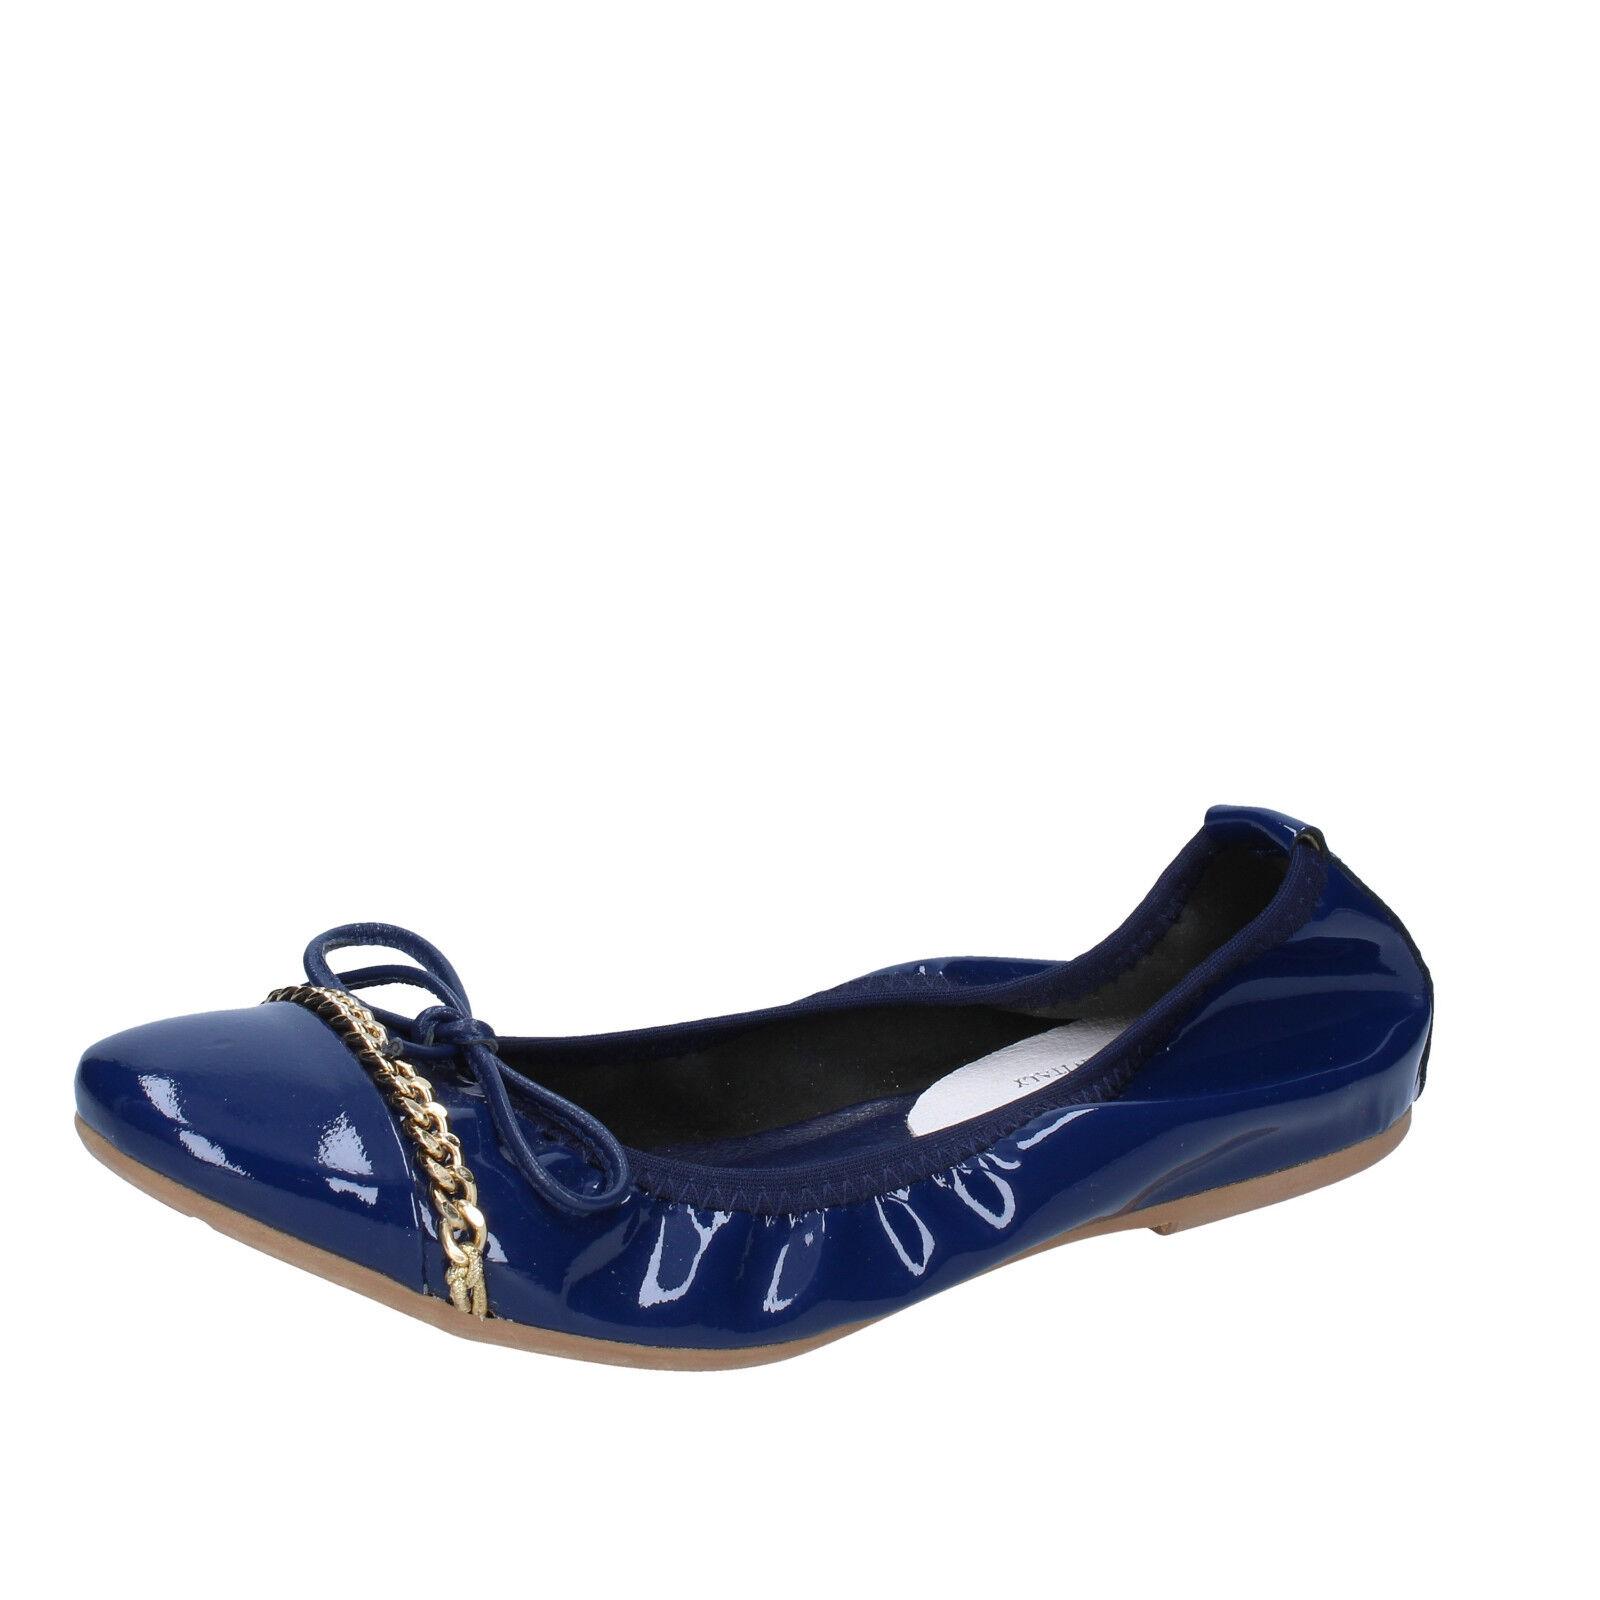 scarpe donna CROWN 35 ballerine blu vernice BZ948-B